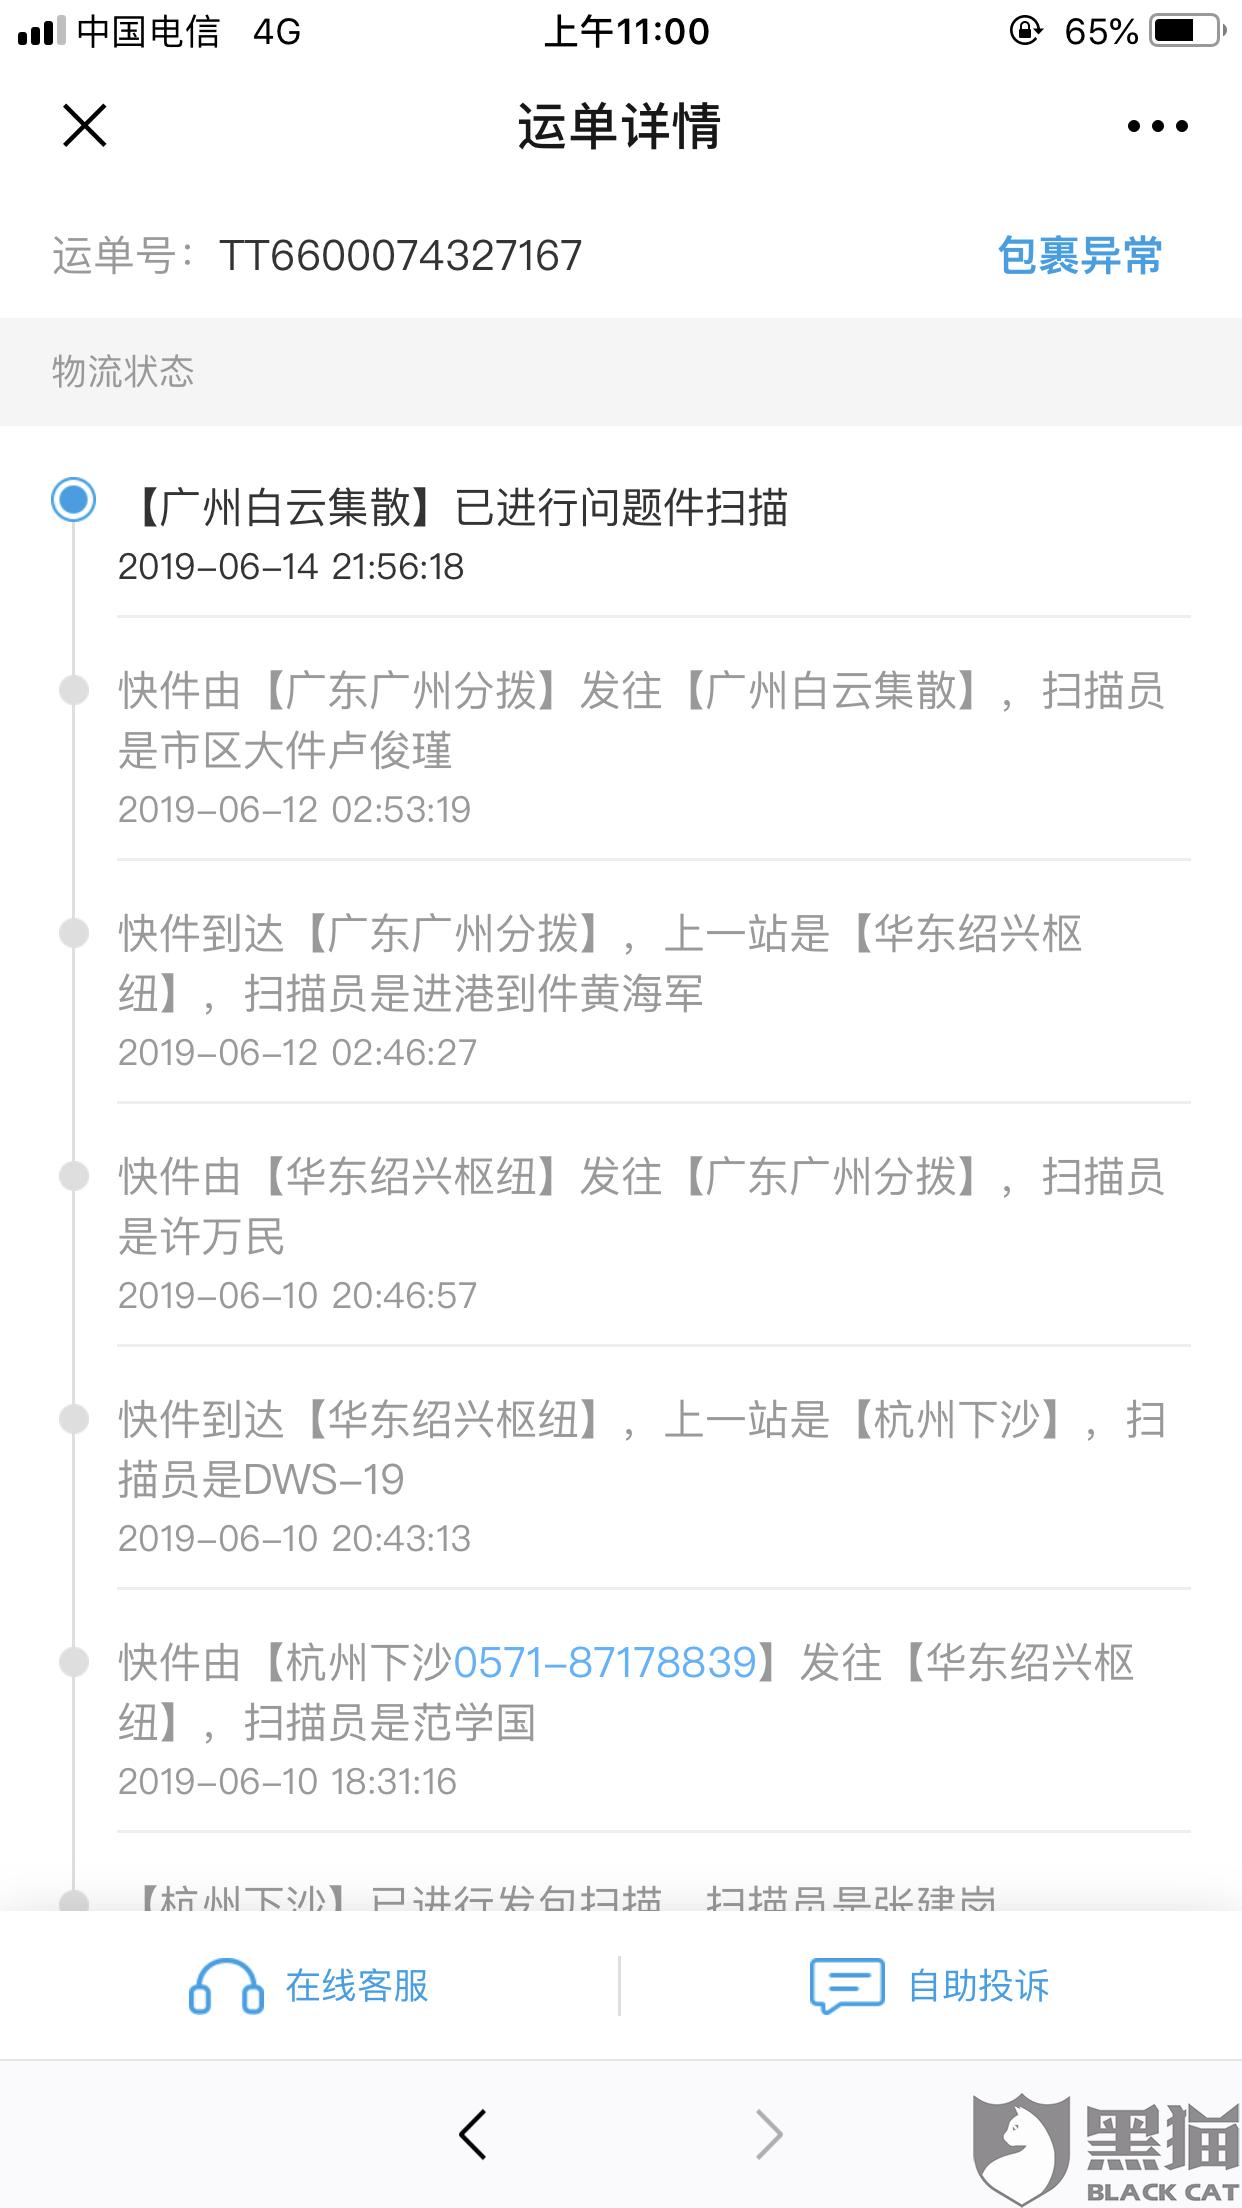 黑猫投诉:寄件到广州 到了白云机场把件扣下说地址有问题 核实了三天也没有派送